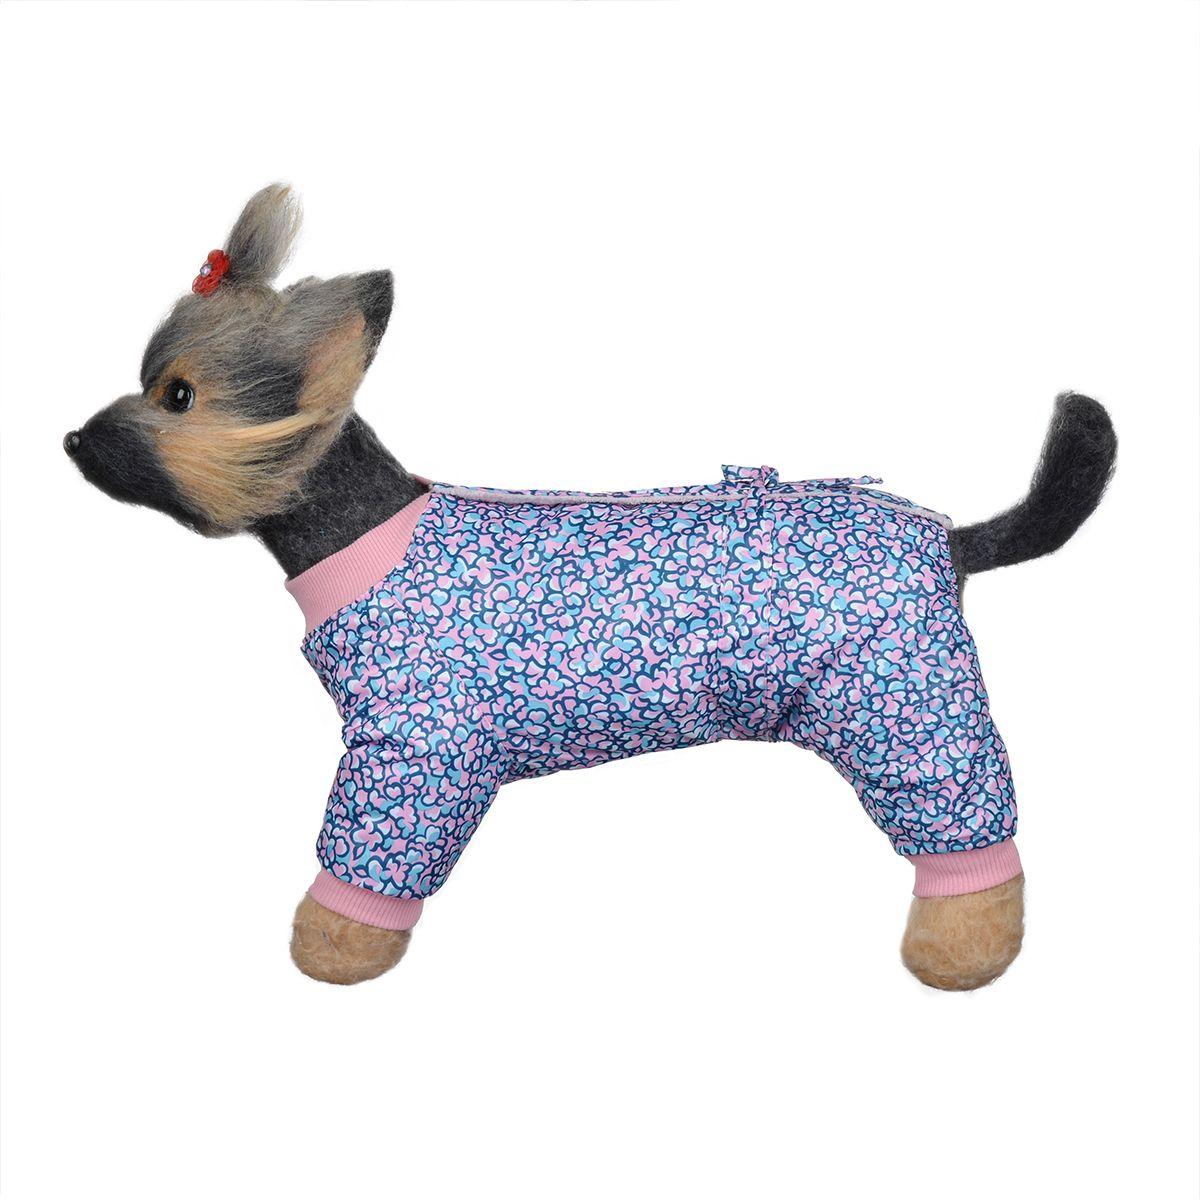 Комбинезон для собак Dogmoda Лаки, зимний, для девочки, цвет: розовый, синий. Размер 3 (L)DM-150334-3Комбинезон для собак Dogmoda Лаки, оформленный ярким цветочным рисунком, отлично подойдет для прогулок в зимнее время года. Комбинезон изготовлен из водоотталкивающего полиэстера, защищающего от ветра и снега, с утеплителем из синтепона, который сохранит тепло даже в сильные морозы, а в качестве подкладки используется искусственный мех, который обеспечивает отличный воздухообмен. Комбинезон застегивается на кнопки на спинке, благодаря чему его легко надевать и снимать. Ворот, низ рукавов и брючин оснащены широкими трикотажными манжетами, которые мягко обхватывают шею и лапки, не позволяя просачиваться холодному воздуху. На пояснице комбинезон затягивается на шнурок-кулиску. Изделие имеет максимально закрытый животик. Благодаря такому комбинезону простуда не грозит вашему питомцу, и он сможет испытать не сравнимое удовольствие от снежных игр и забав.